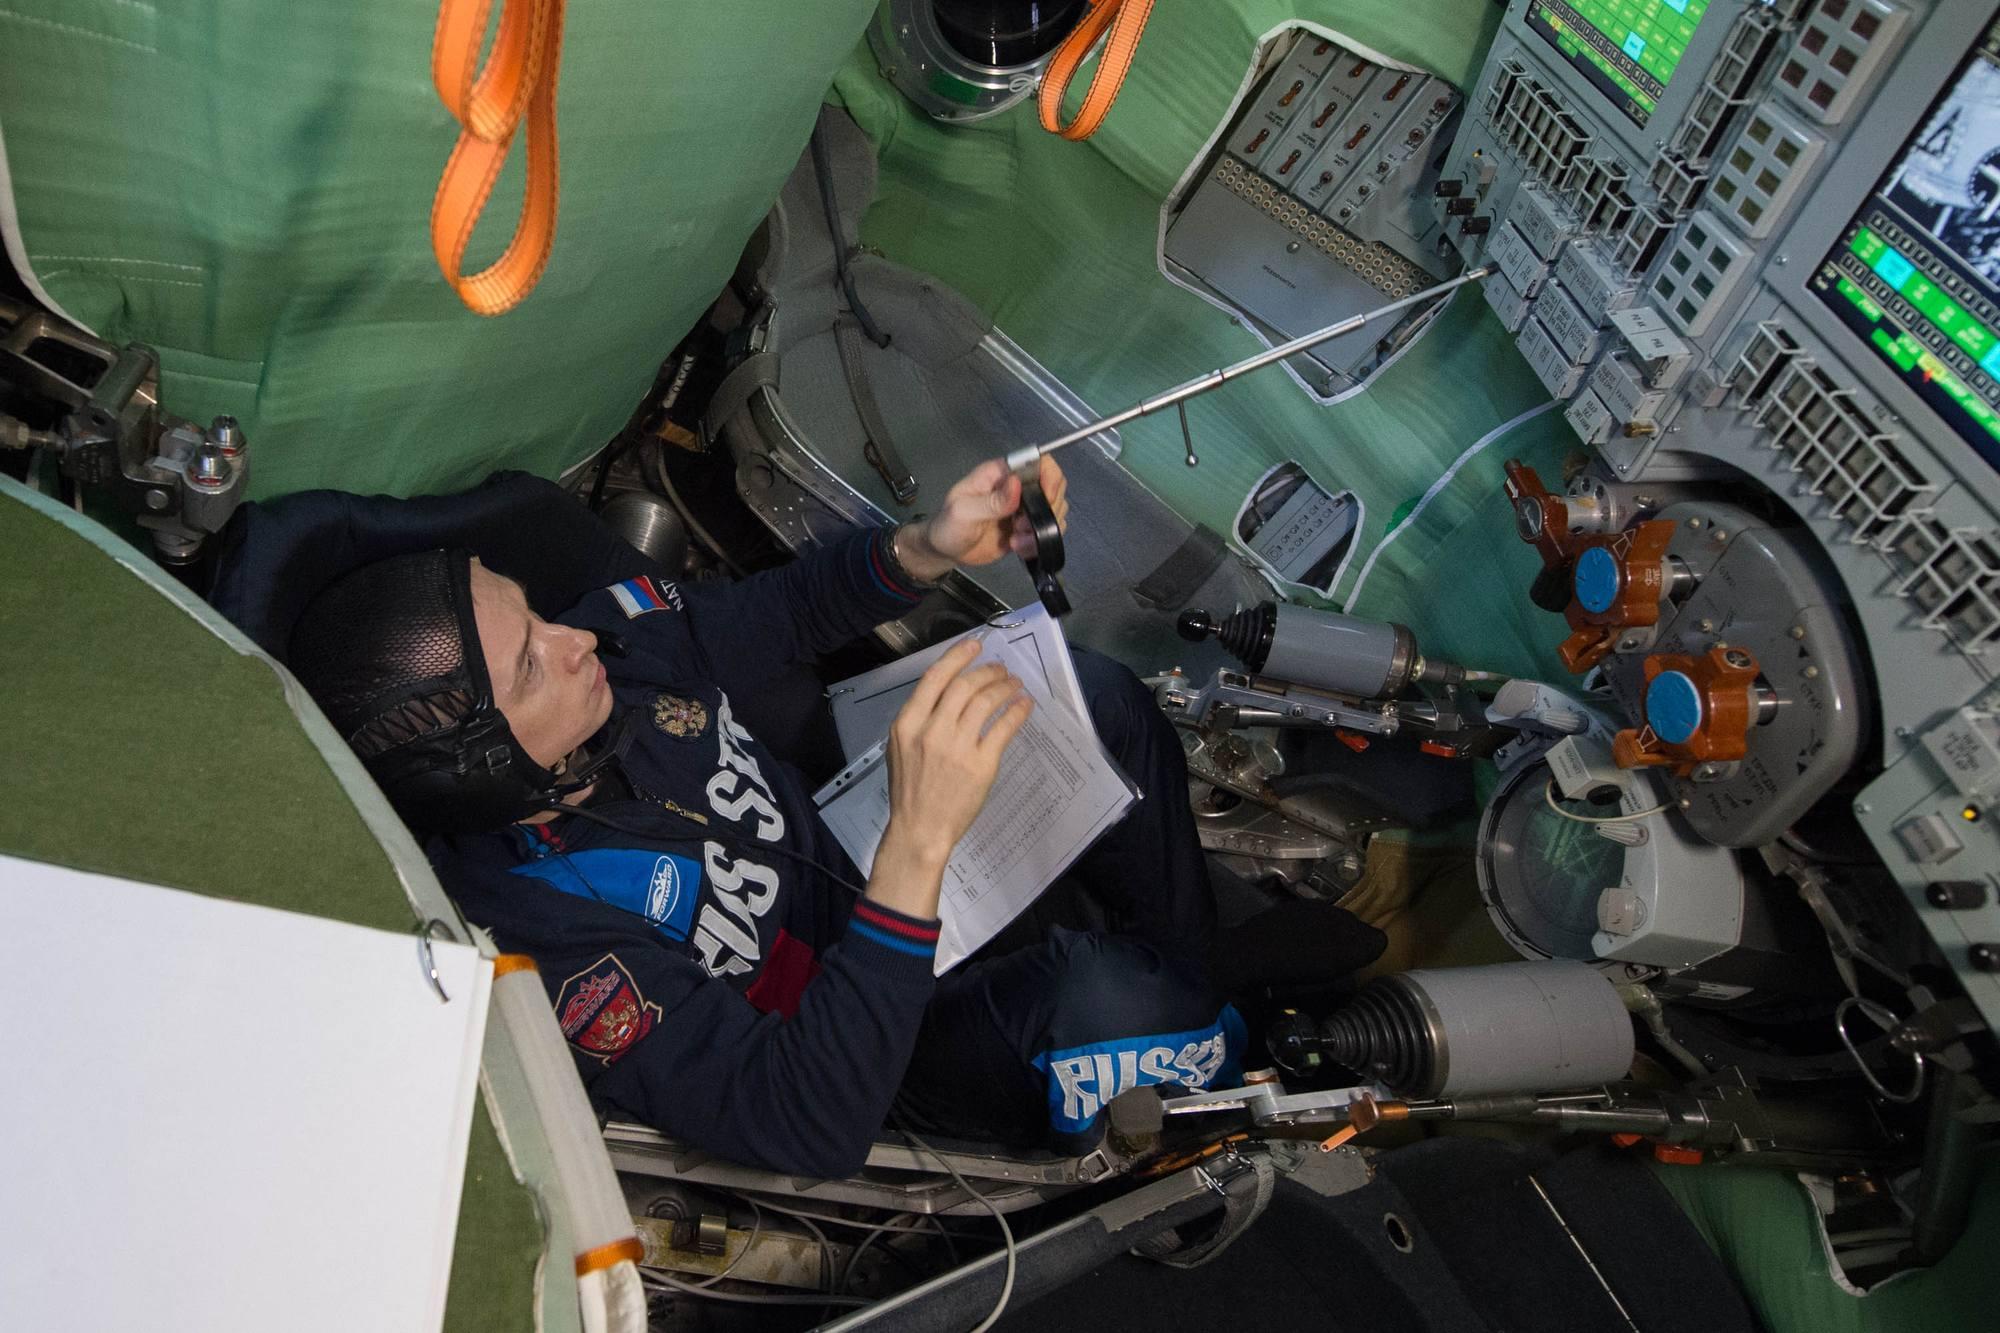 Autre test : le rendez-vous manuel fictif avec l'ISS.